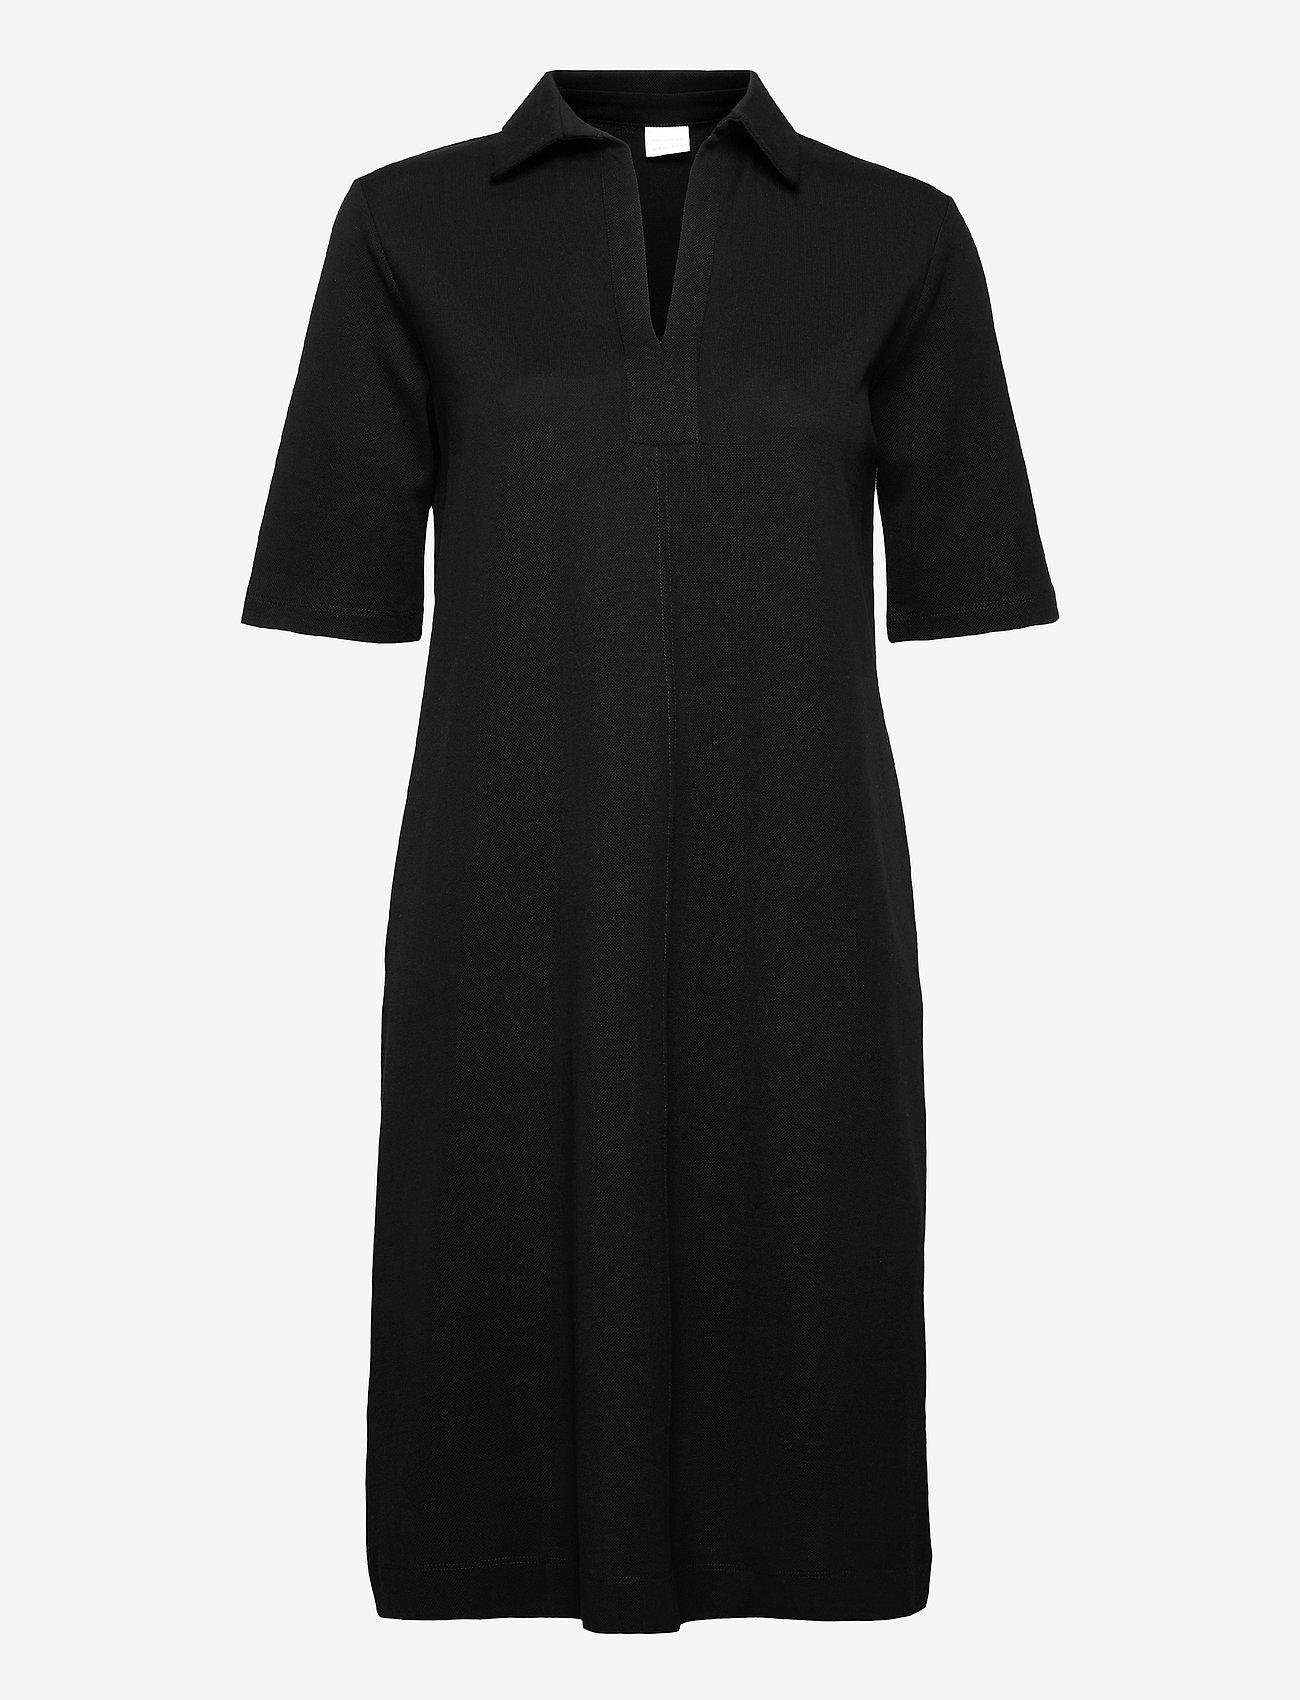 Max Mara Leisure - ENFASI - midi dresses - black - 0